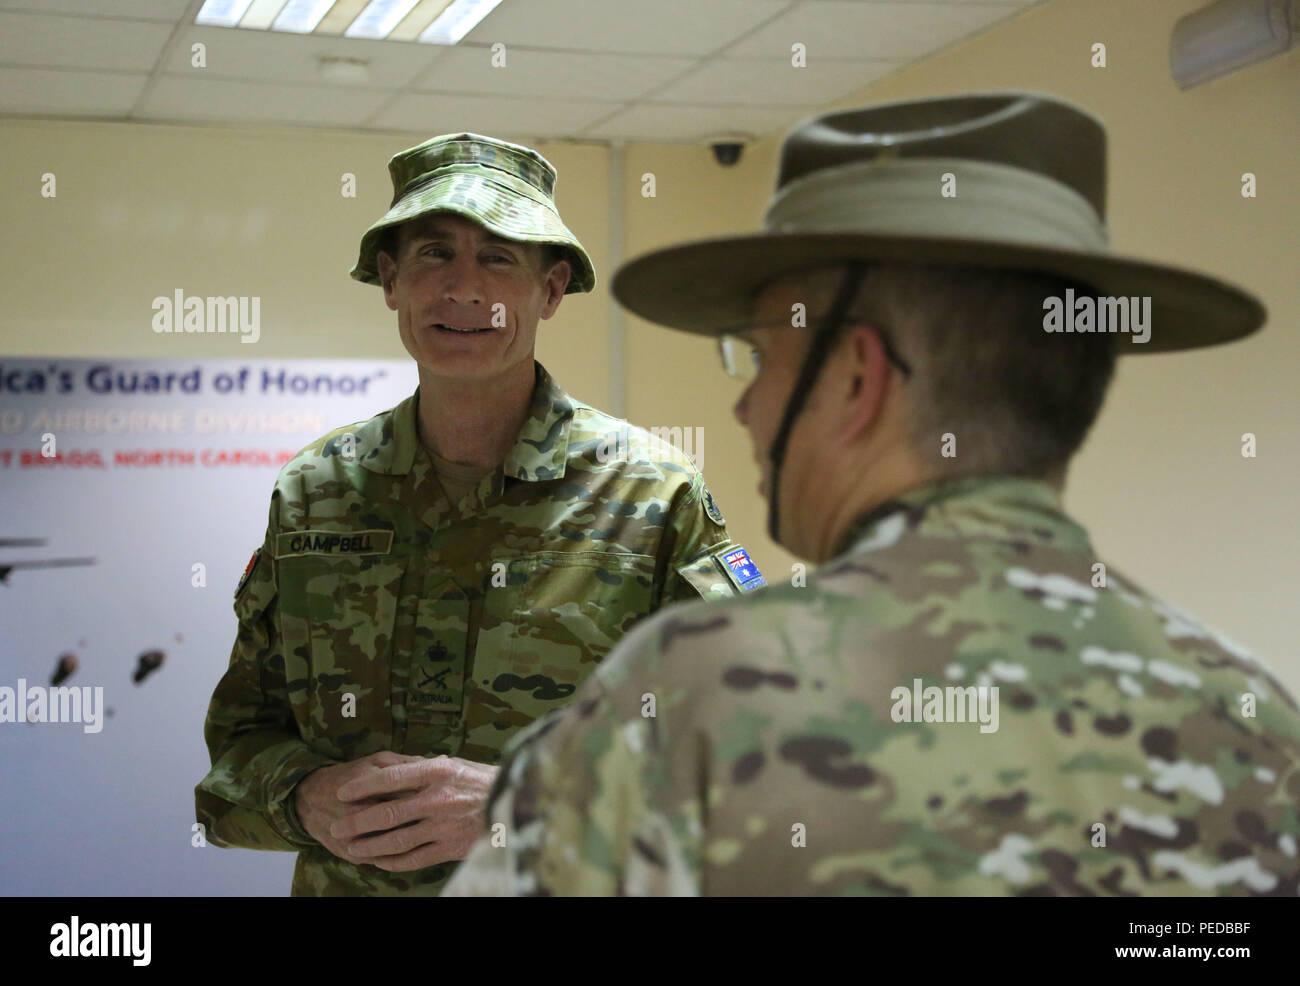 rencontres soldats australiens gratuit noir et blanc datant Royaume-Uni